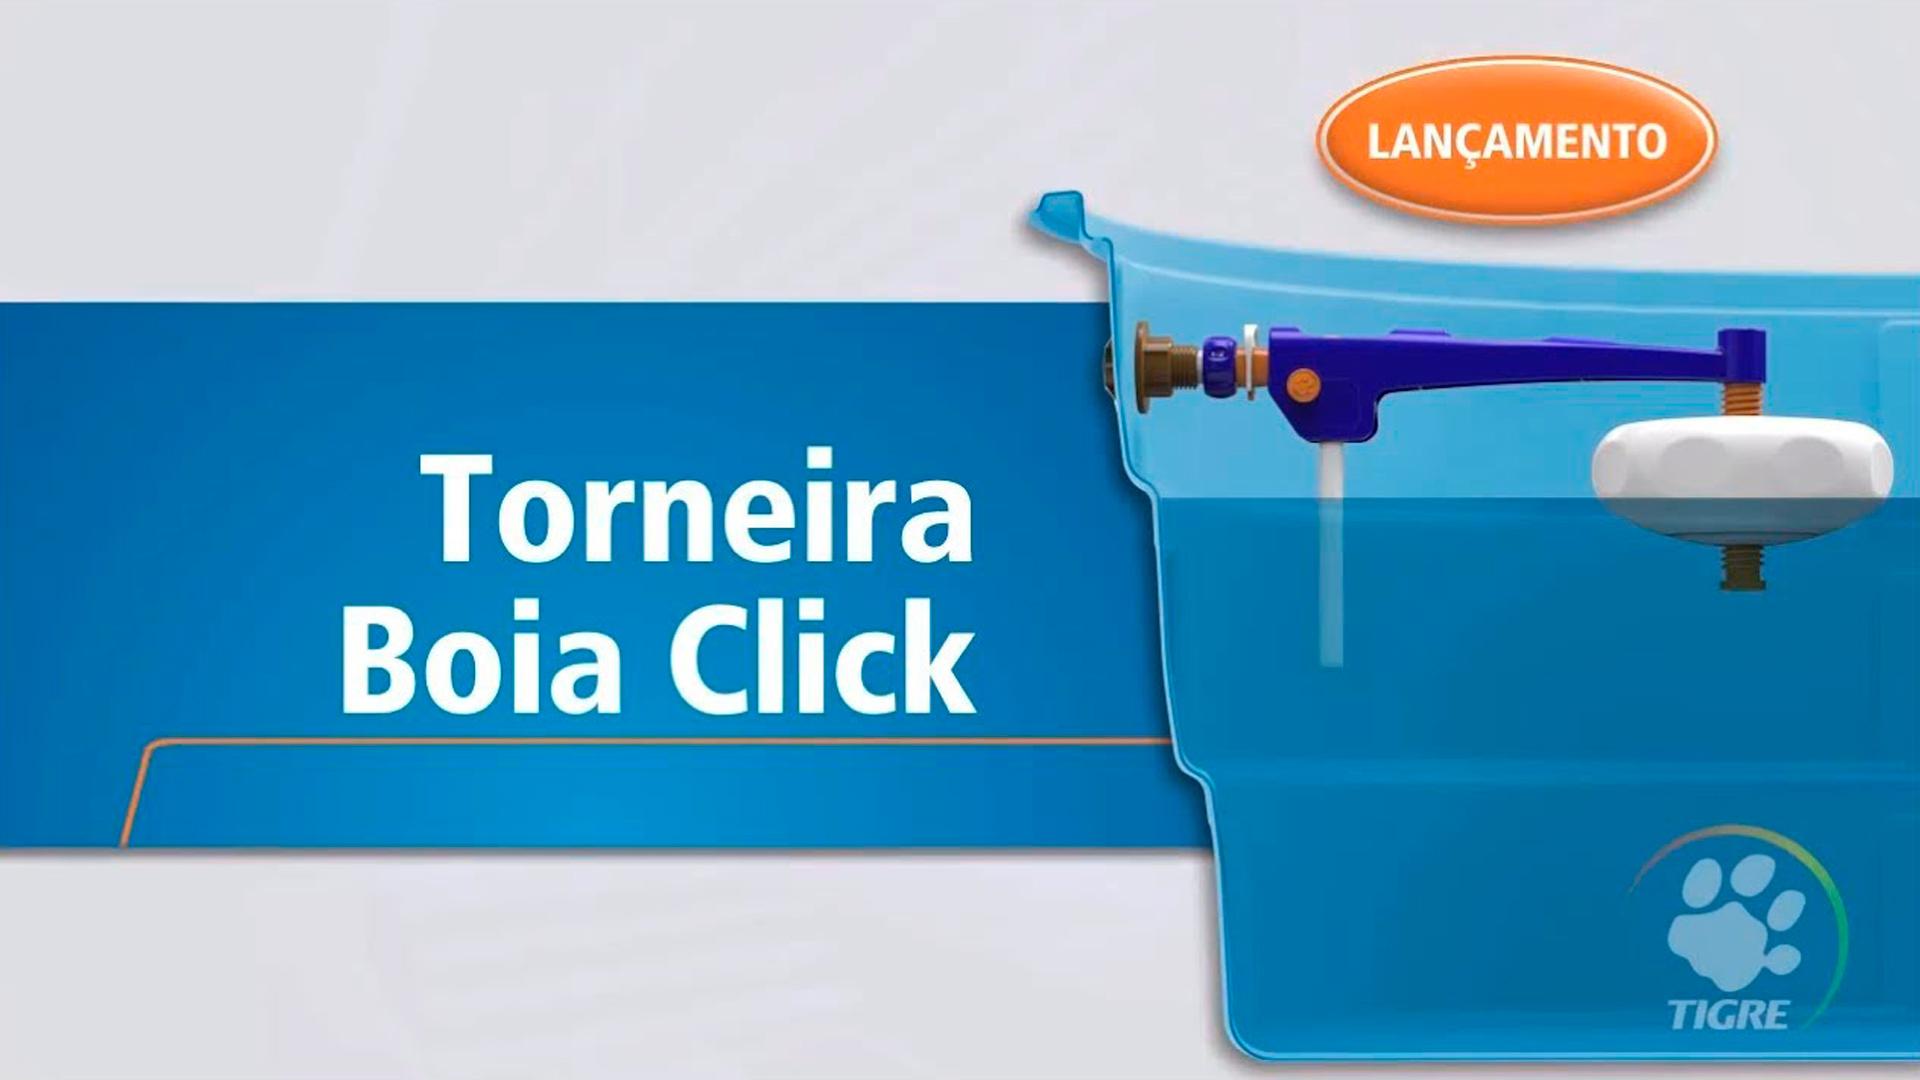 Boia Click ¾ Tigre